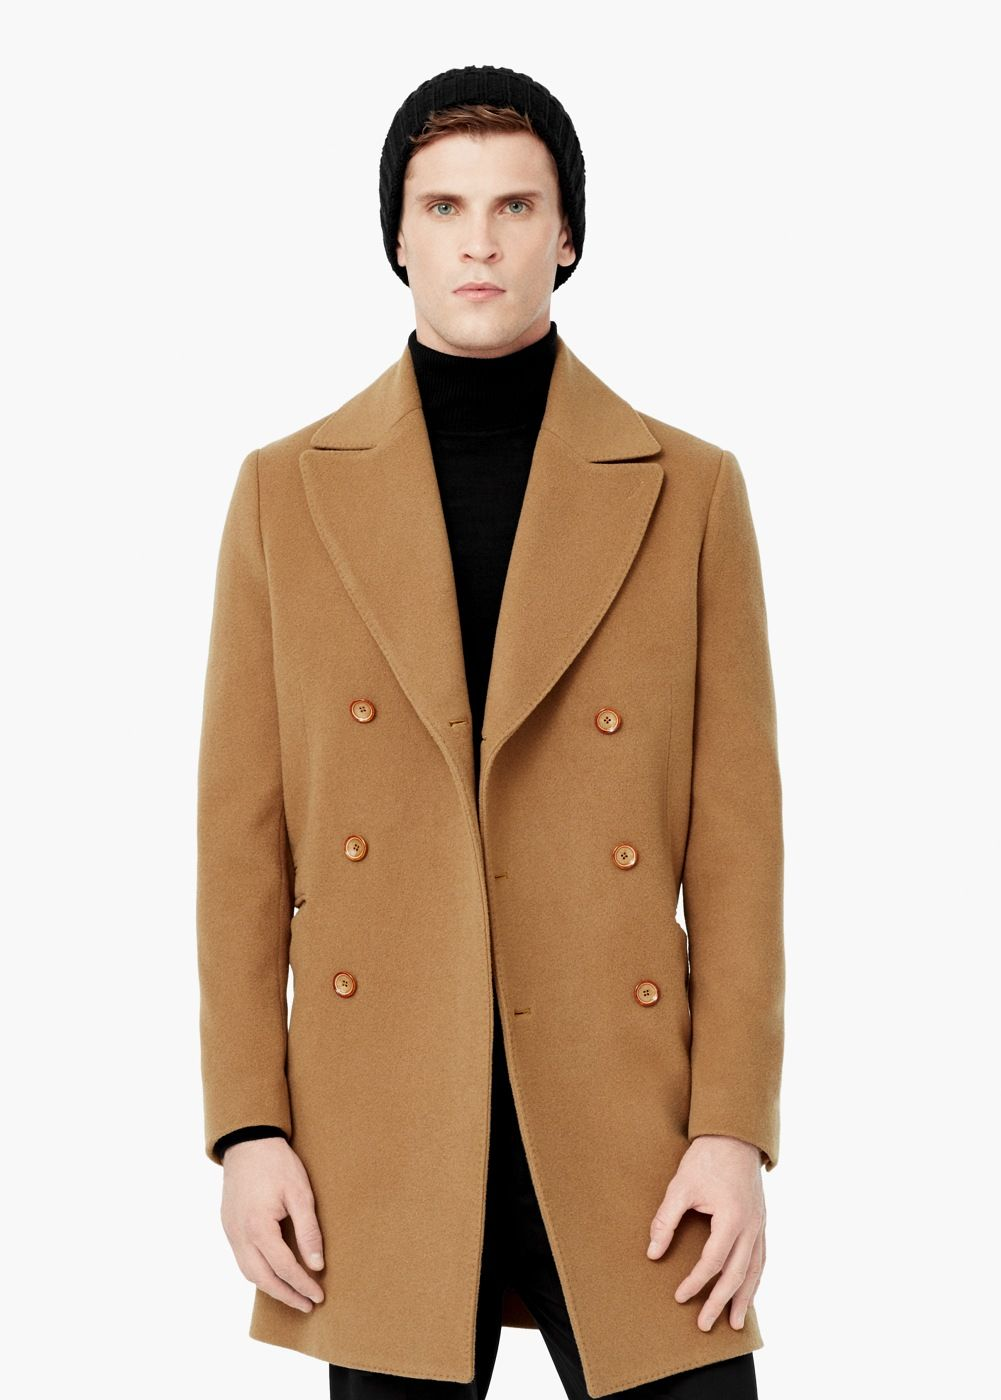 Manteau laine cachemire Homme | Manteau laine, Manteau